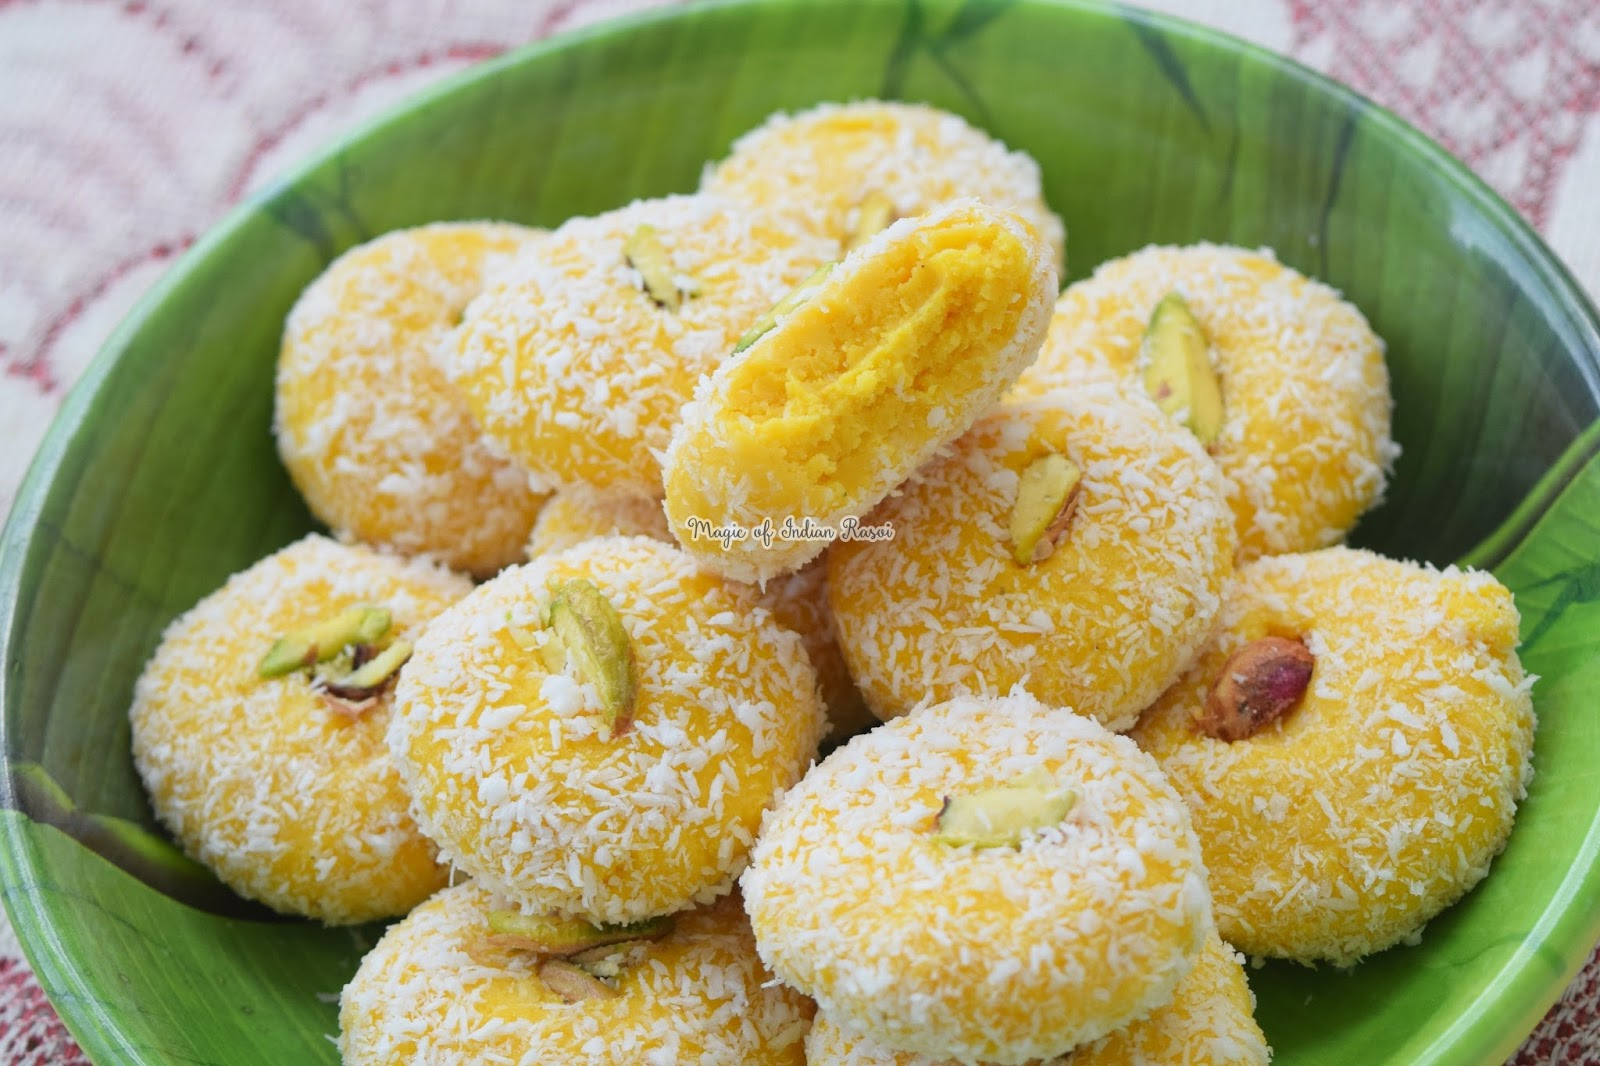 Kesar Peda - Milk Peda Recipe - केसर पेड़ा - दूध पेड़ा रेसिपी - Priya R - Magic of Indian Rasoi